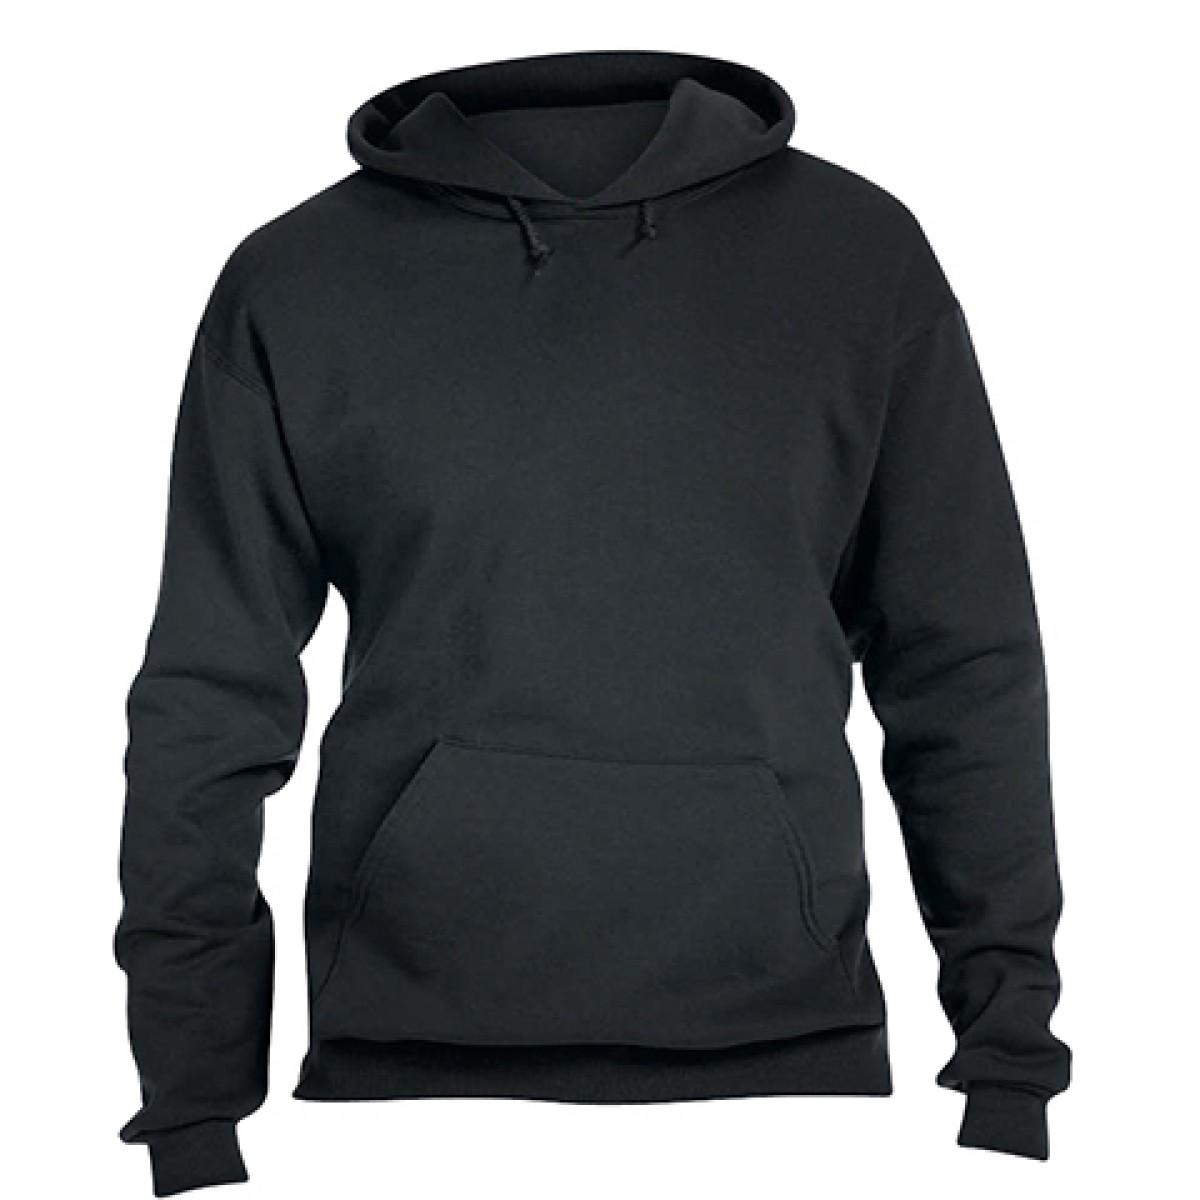 Pullover Hood 50/50 Preshrunk Fleece-Black-L